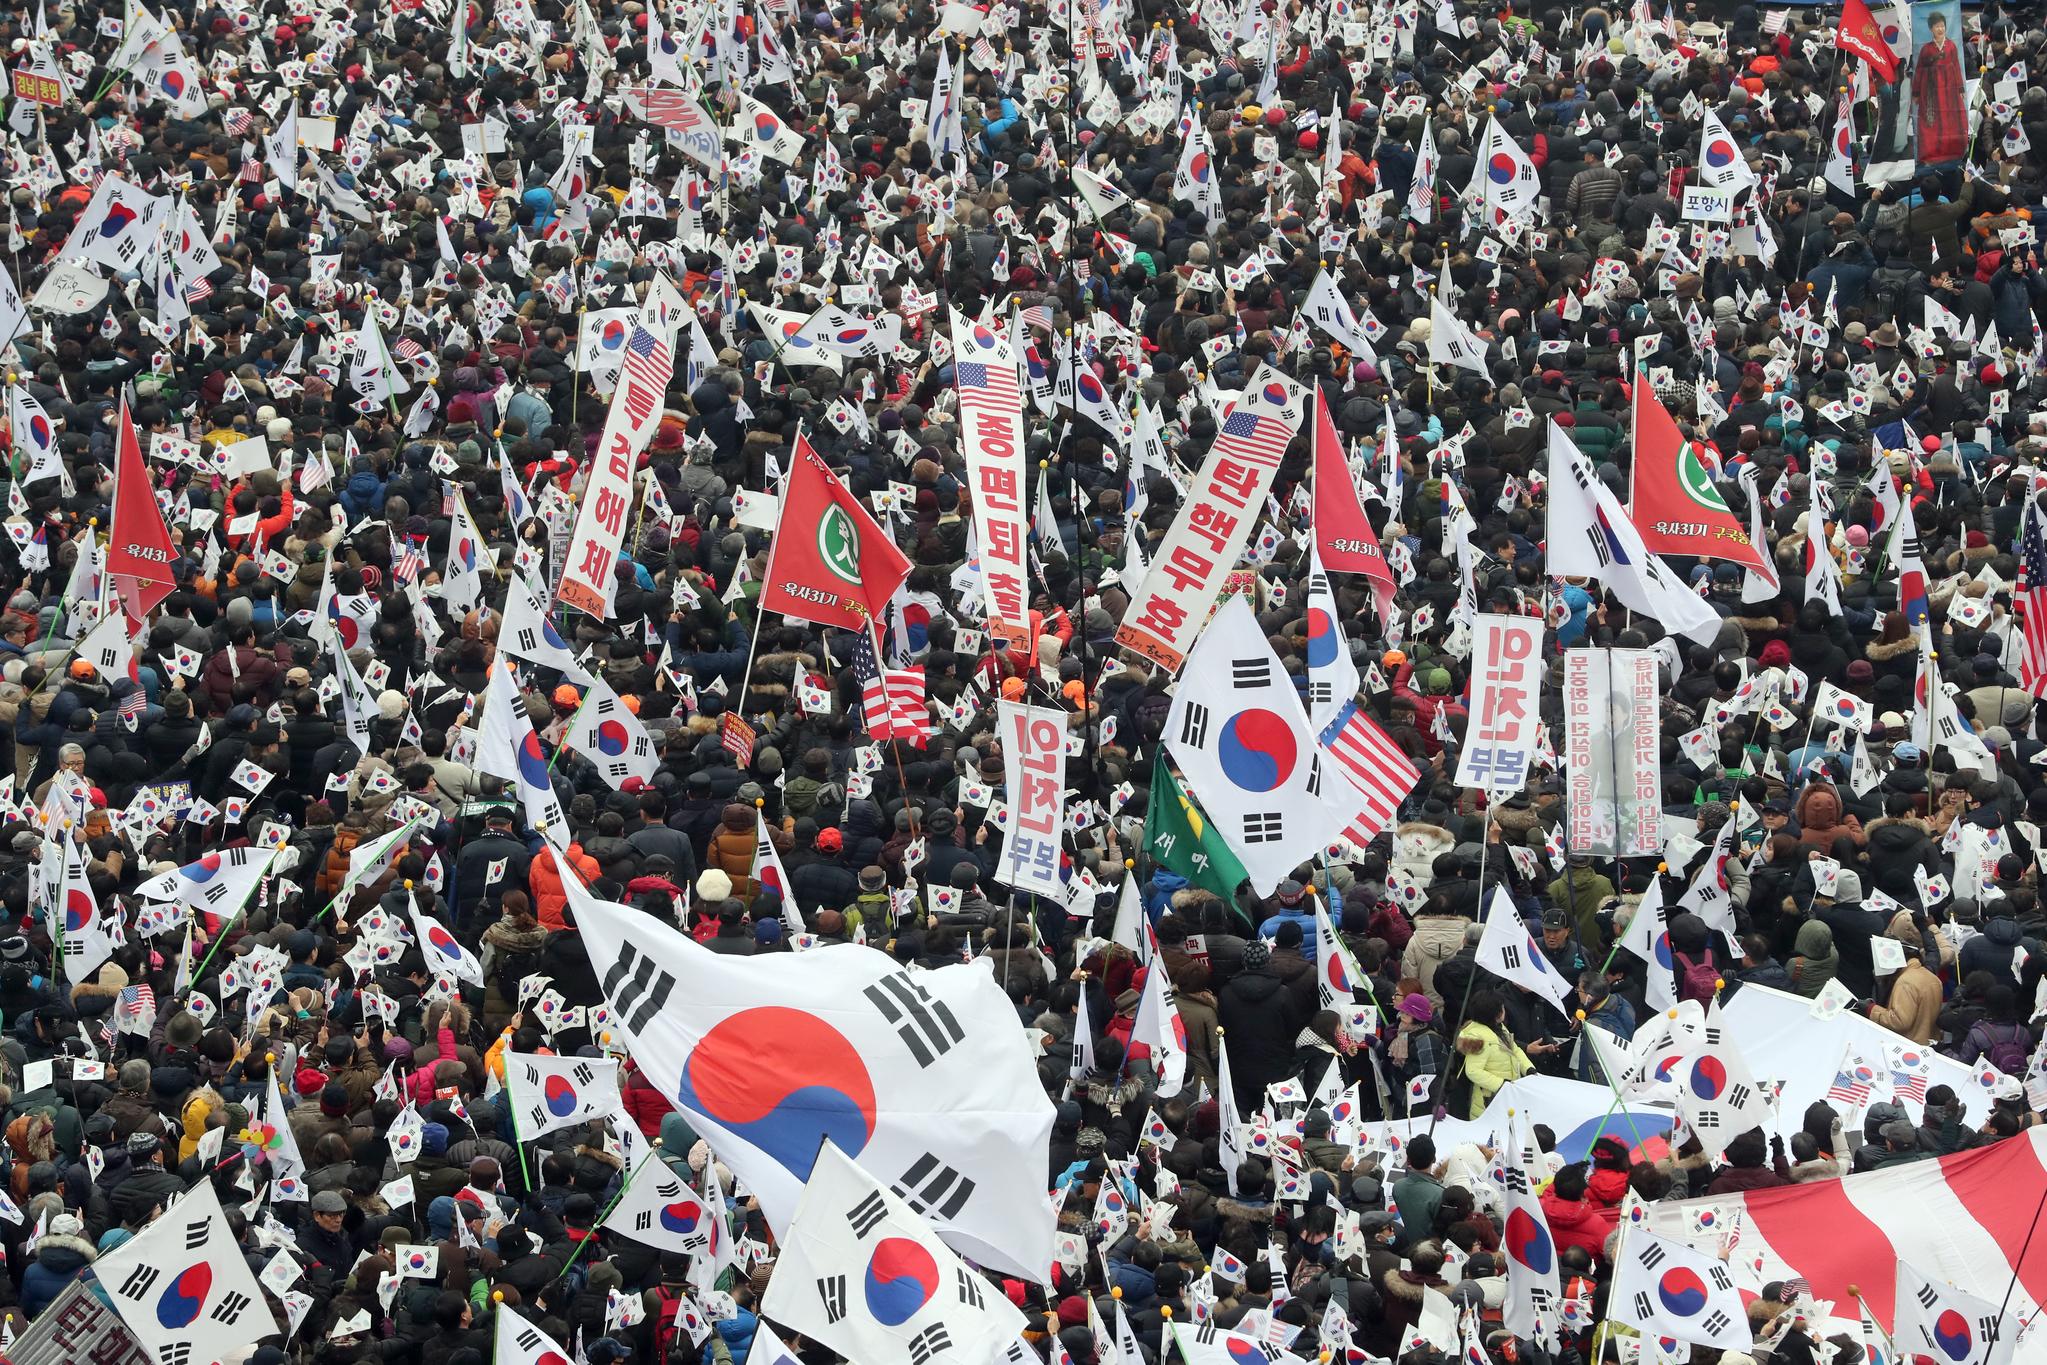 탄핵반대 태극기 집회가 지난 4일 오후 서울광장 주변에서 열렸다. 중앙DB